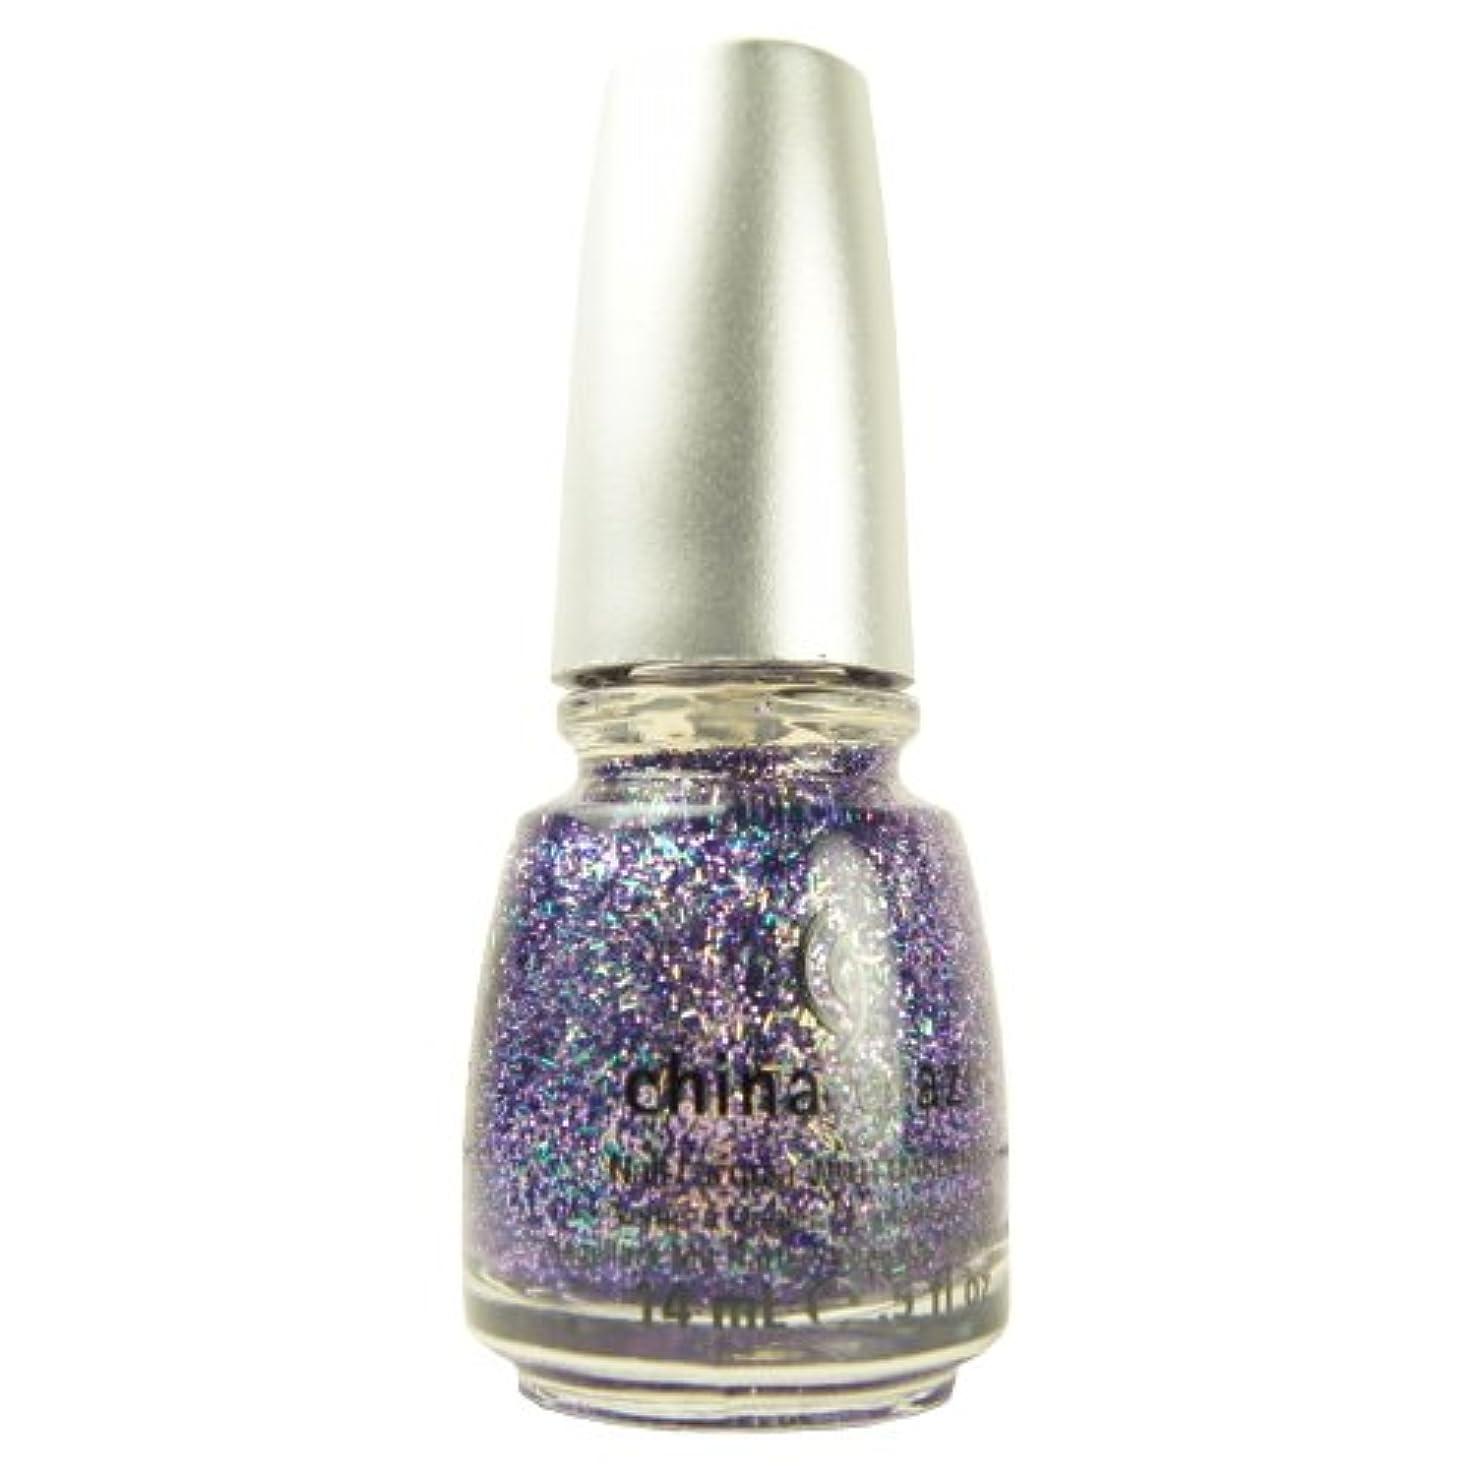 囲まれたビル報復(3 Pack) CHINA GLAZE Glitter Nail Lacquer with Nail Hardner - Marry A Millionaire (DC) (並行輸入品)